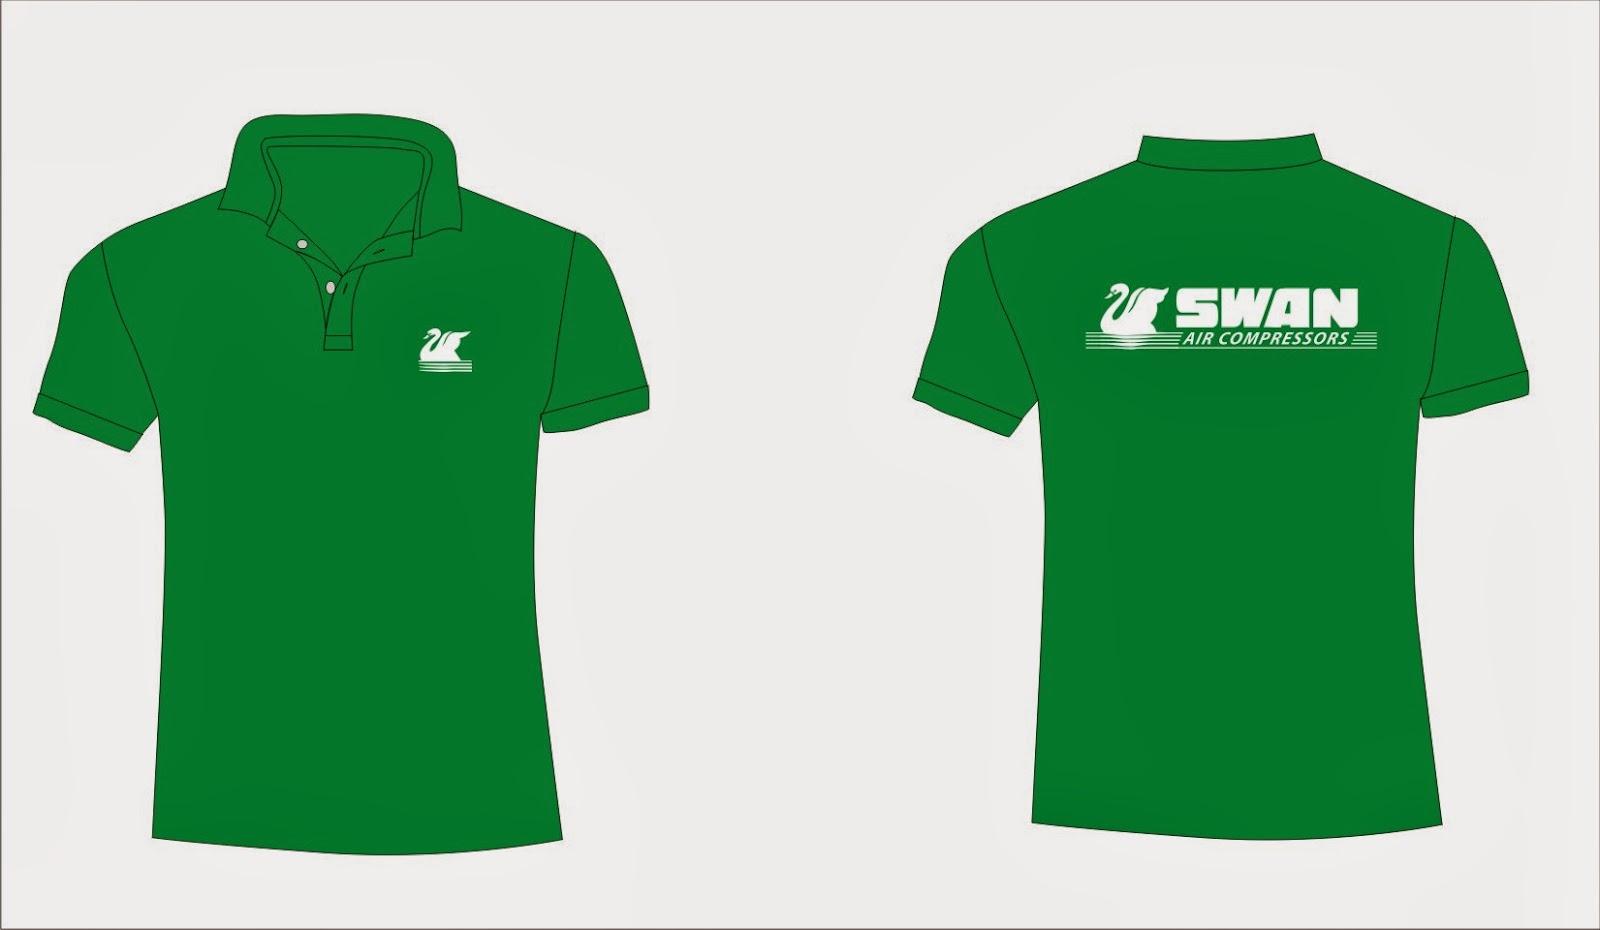 Hình ảnh Mẫu áo đồng phục công ty đẹp màu xanh lá cây